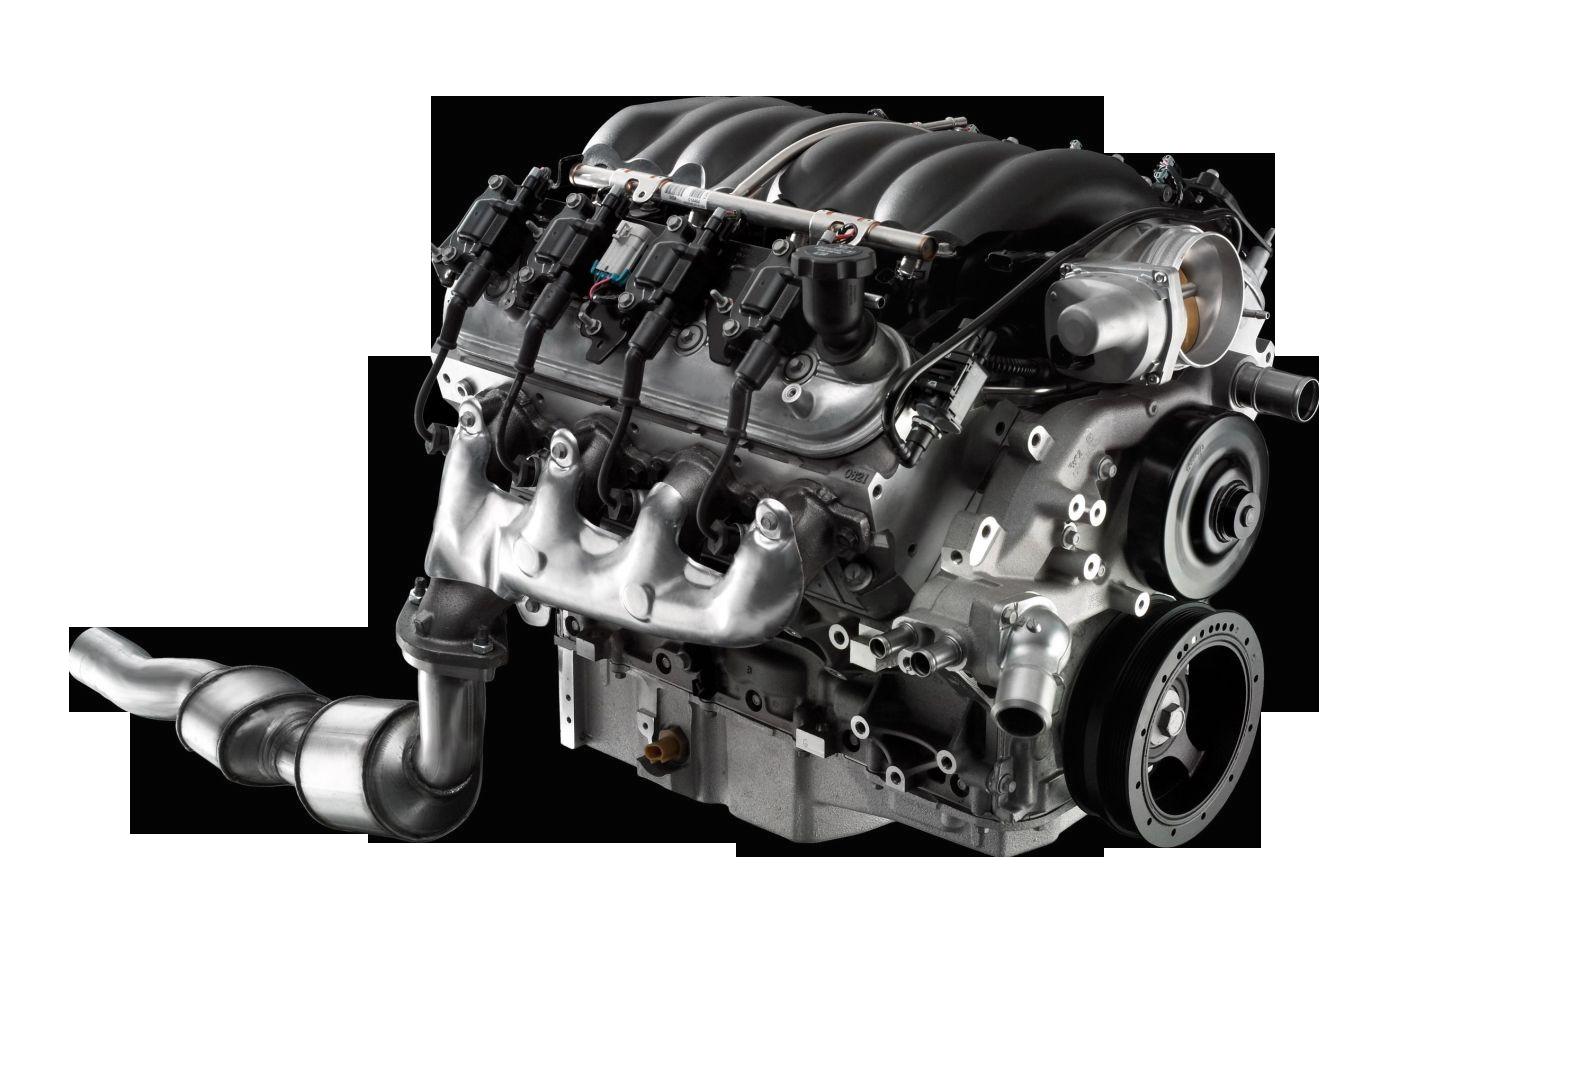 Для чего требуется проведение капитального ремонта двигателя автомобиля?